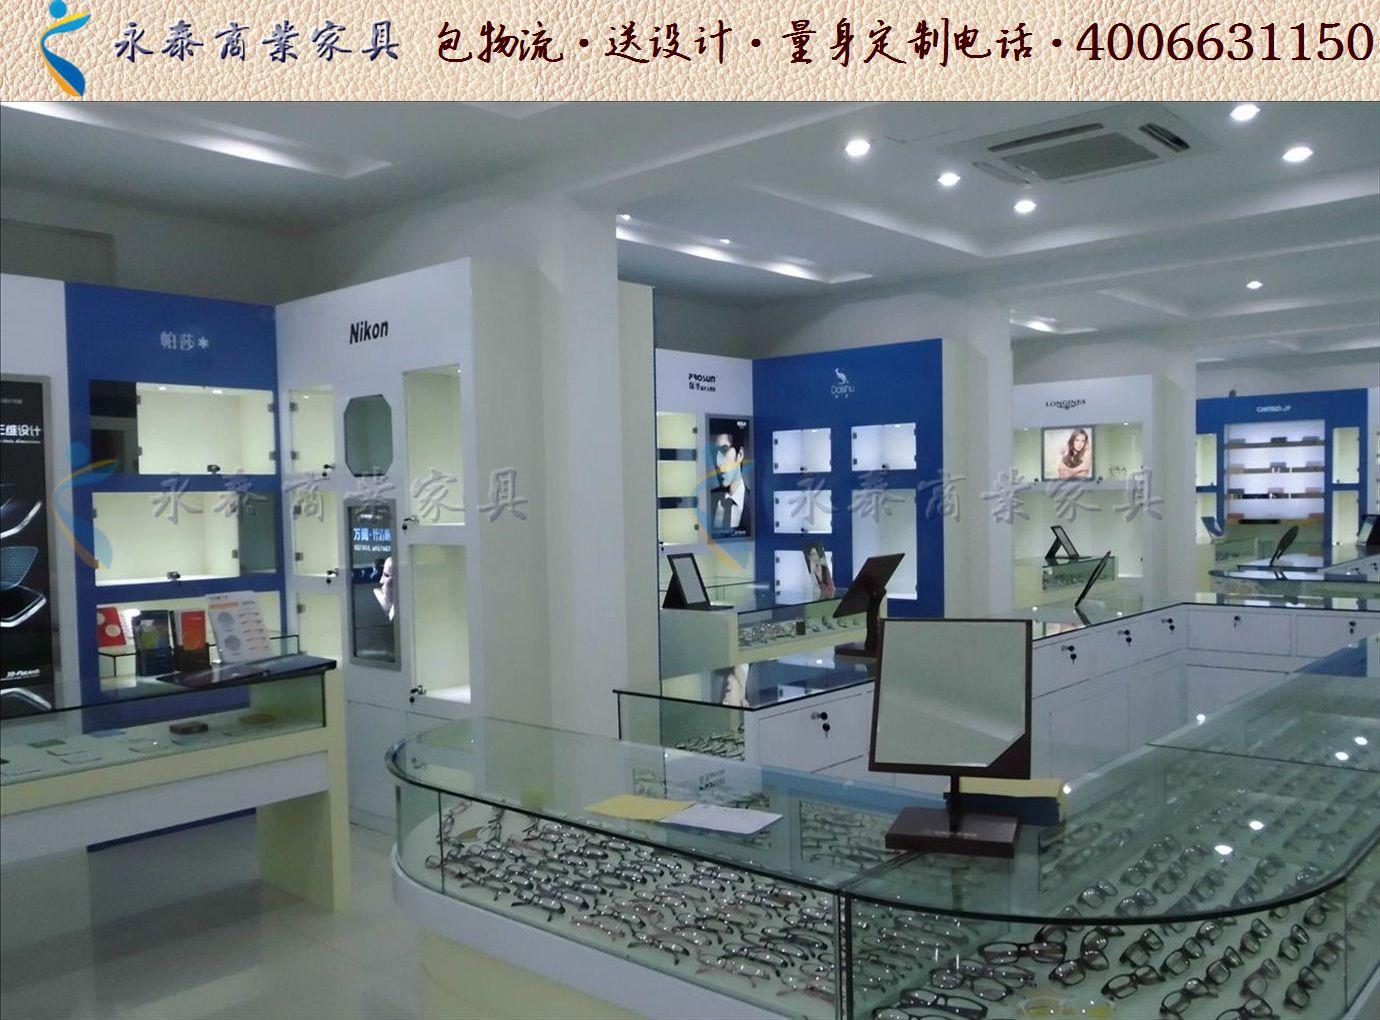 个性眼镜店装修展柜效果图大全时尚眼镜店装修货架展柜1207